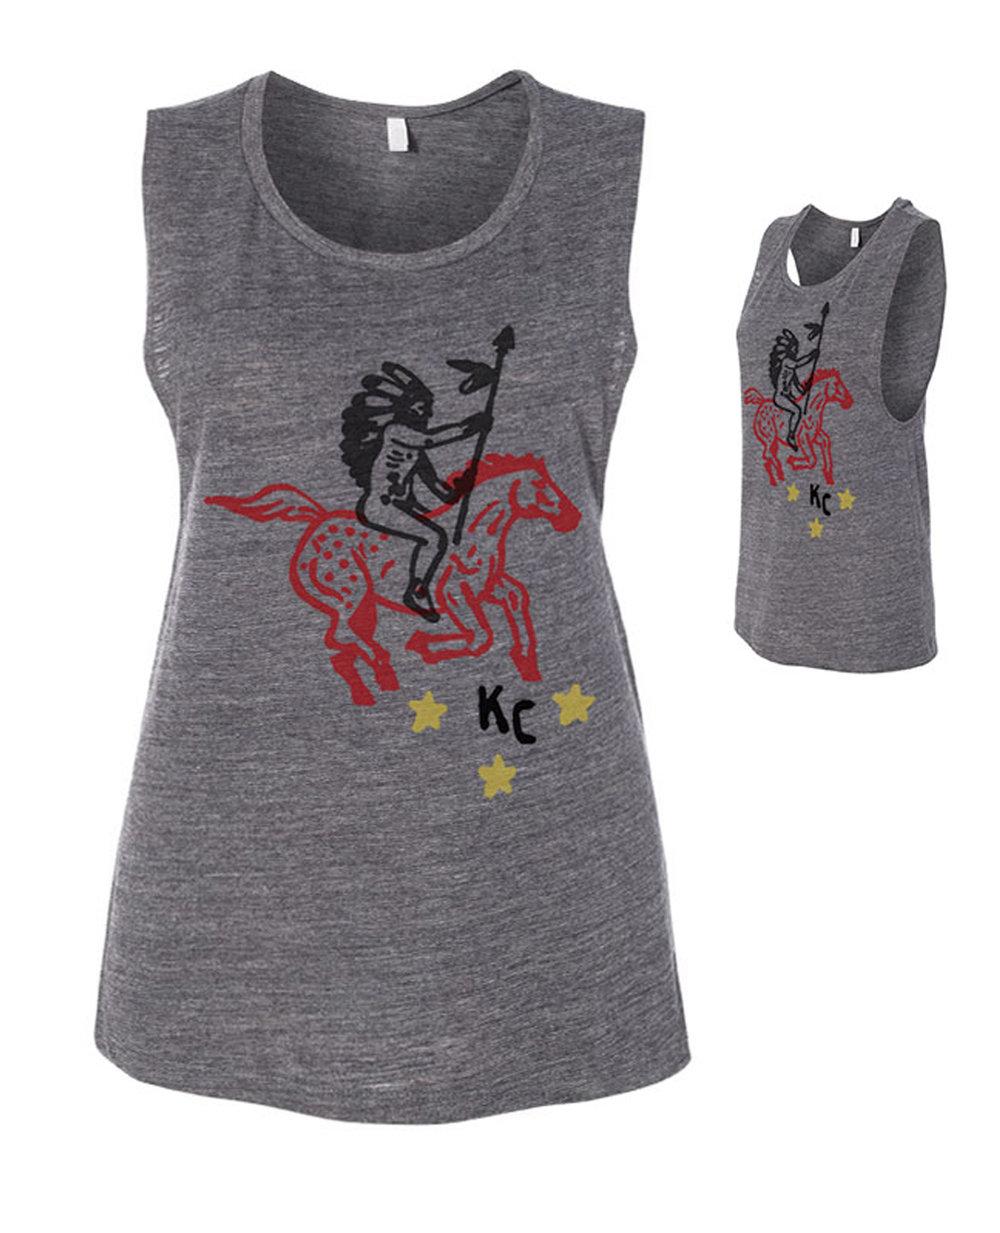 KC Battle Cry (women's muscle tank)